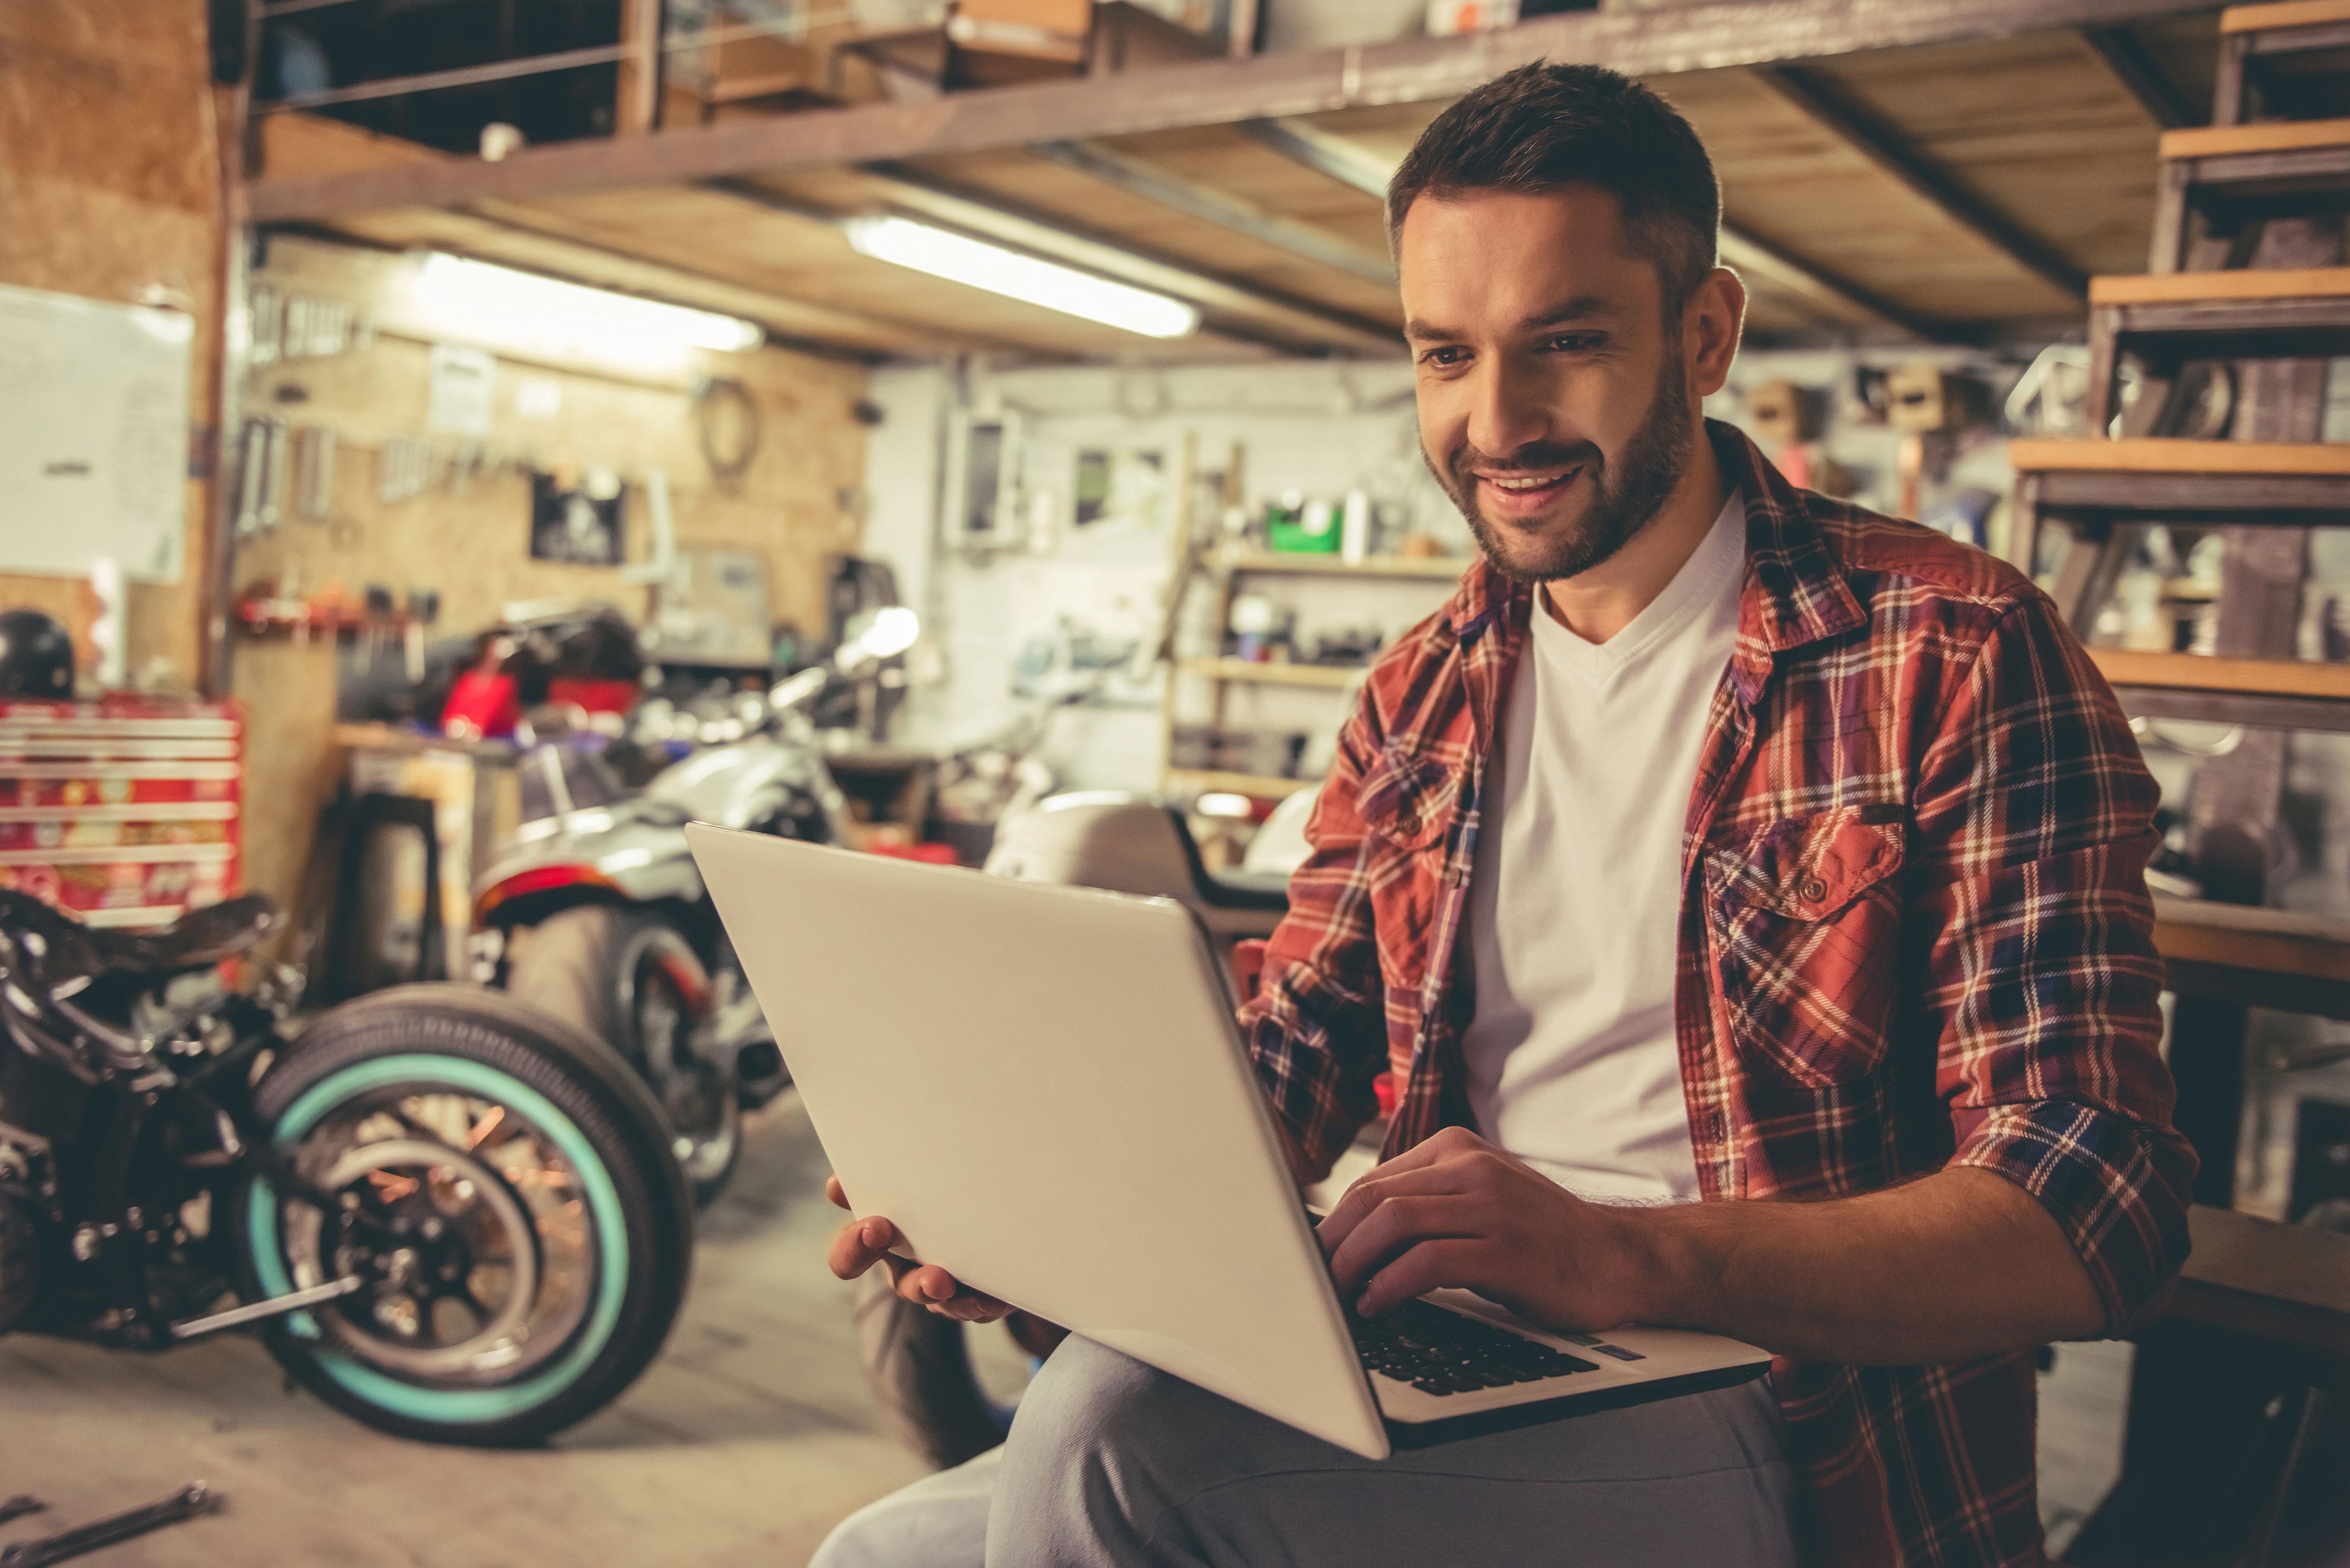 Mann mit Laptop auf dem Schoß in Motorradwerkstatt